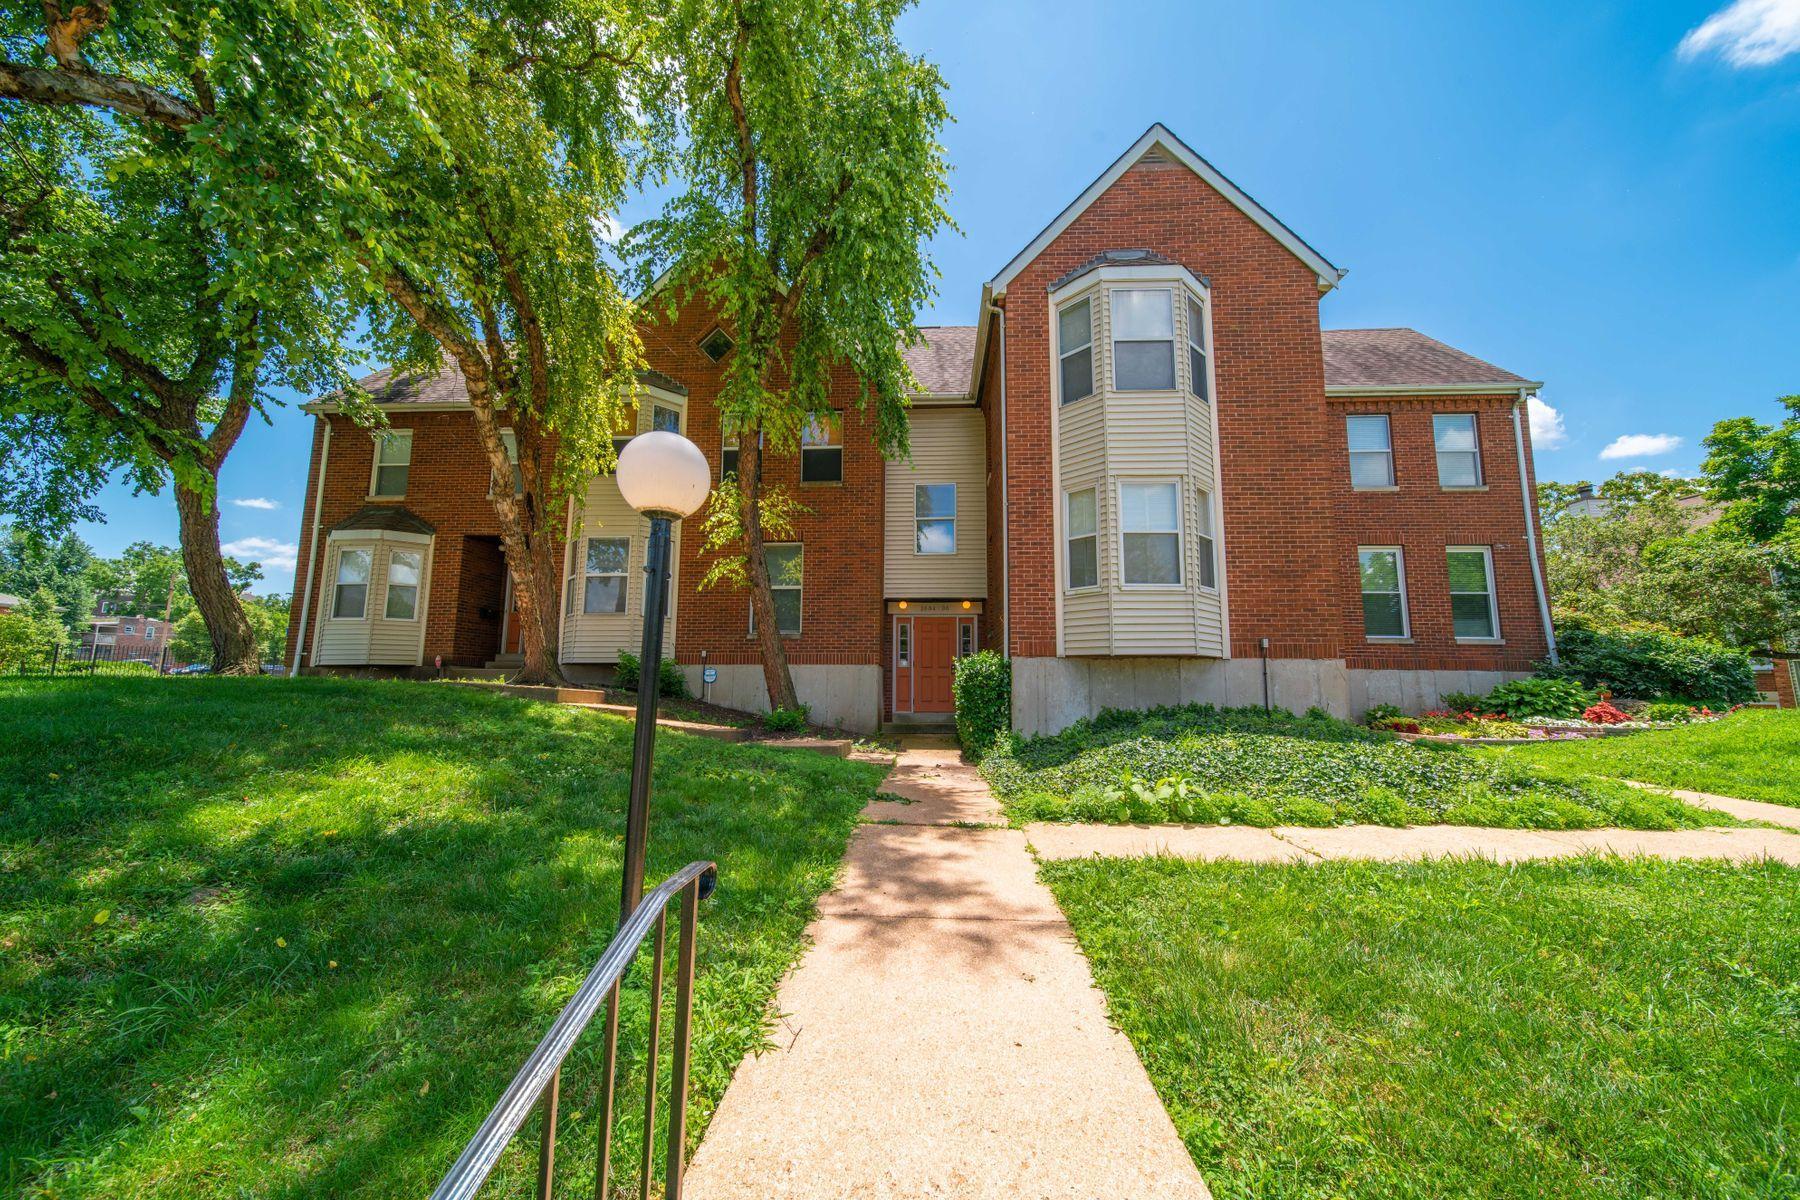 Condominiums for Rent at Park Avenue Condo 2606 Park Avenue #C2 St. Louis, Missouri 63104 United States